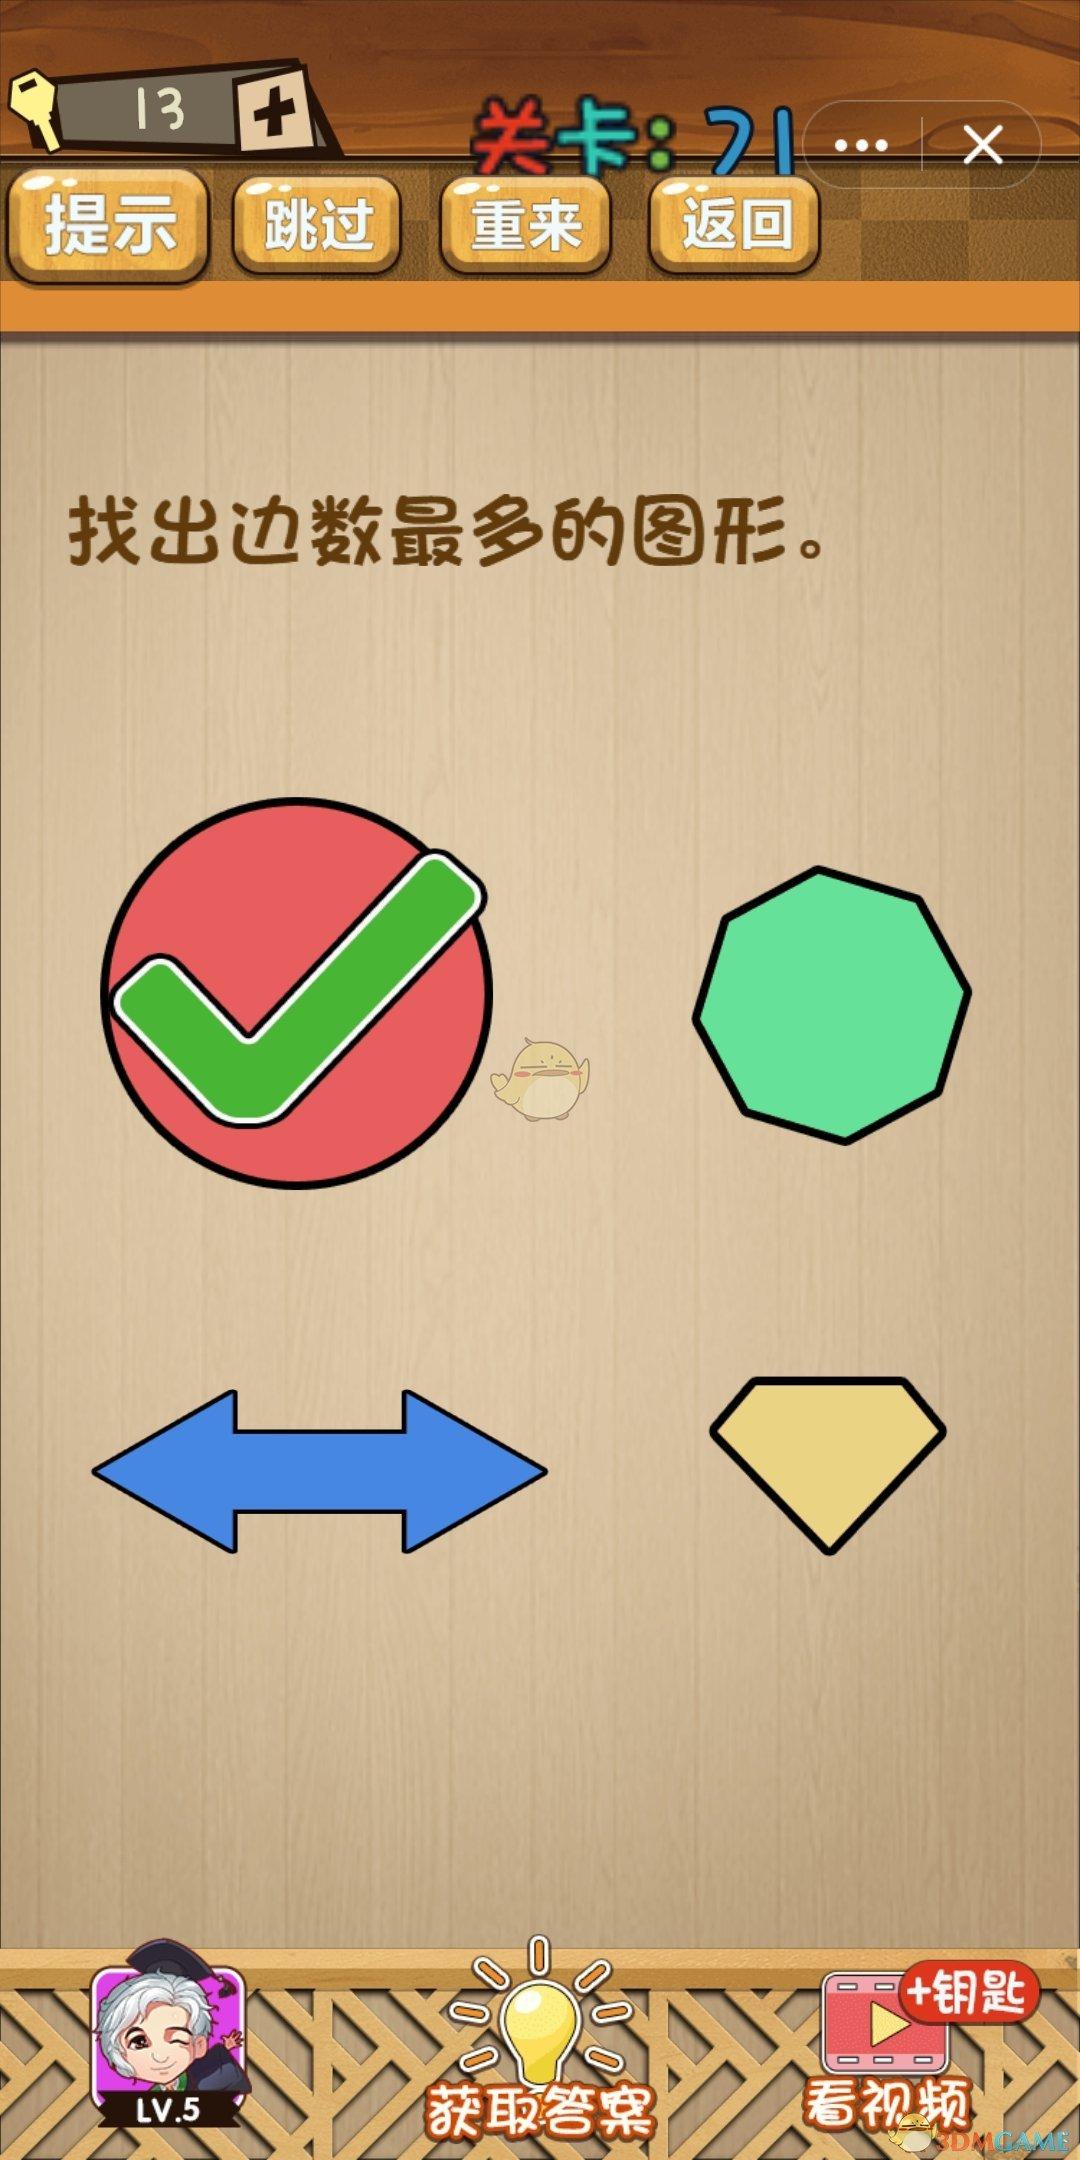 《神脑洞》游戏第71关攻略